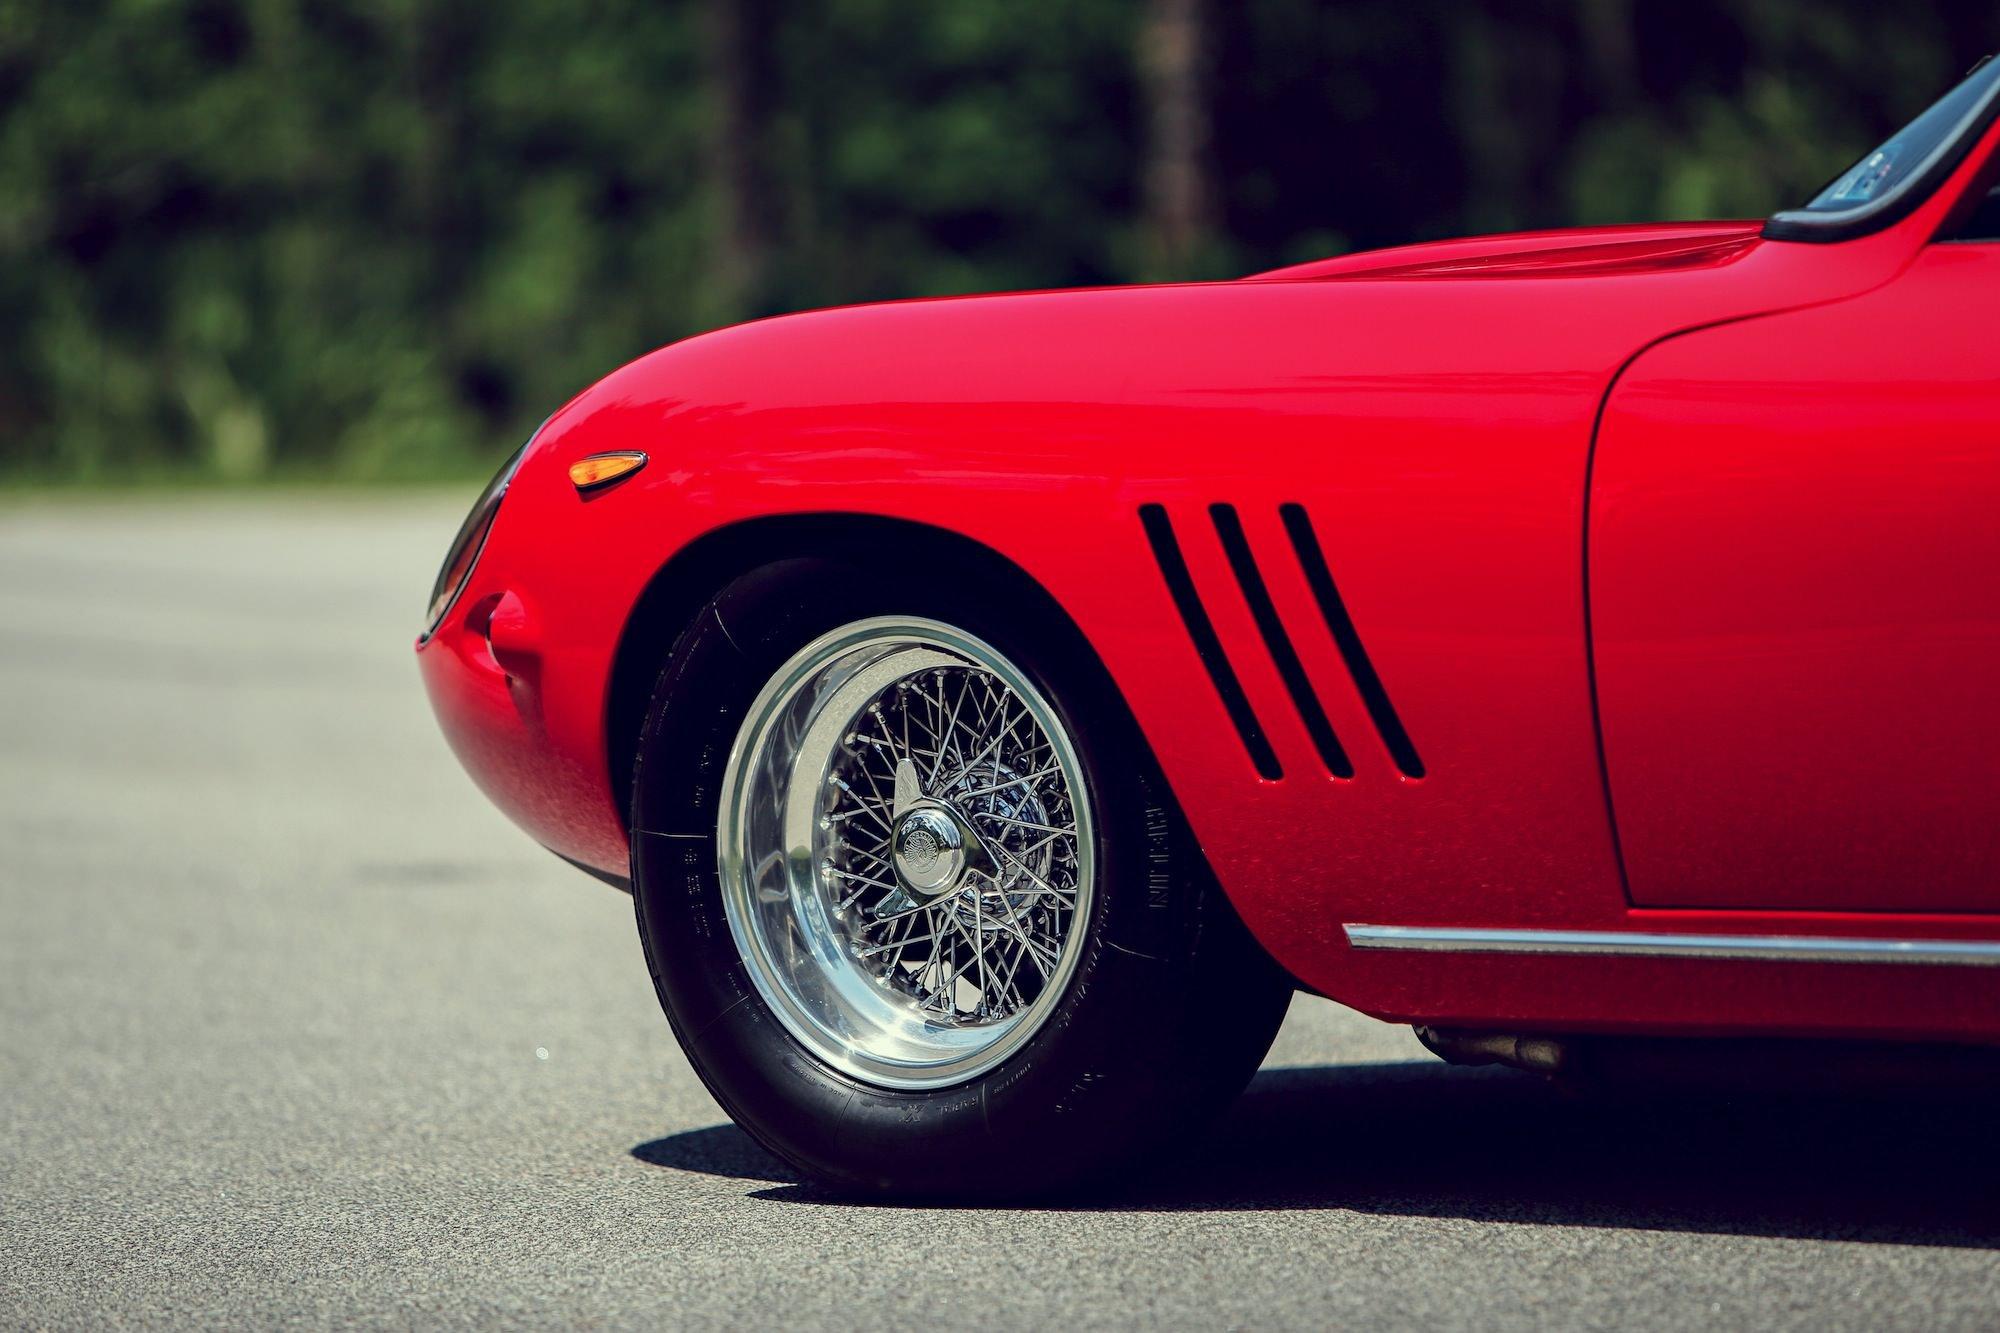 Ferrari 250 GT N.A.R.T. Spider by Fantuzzi 6